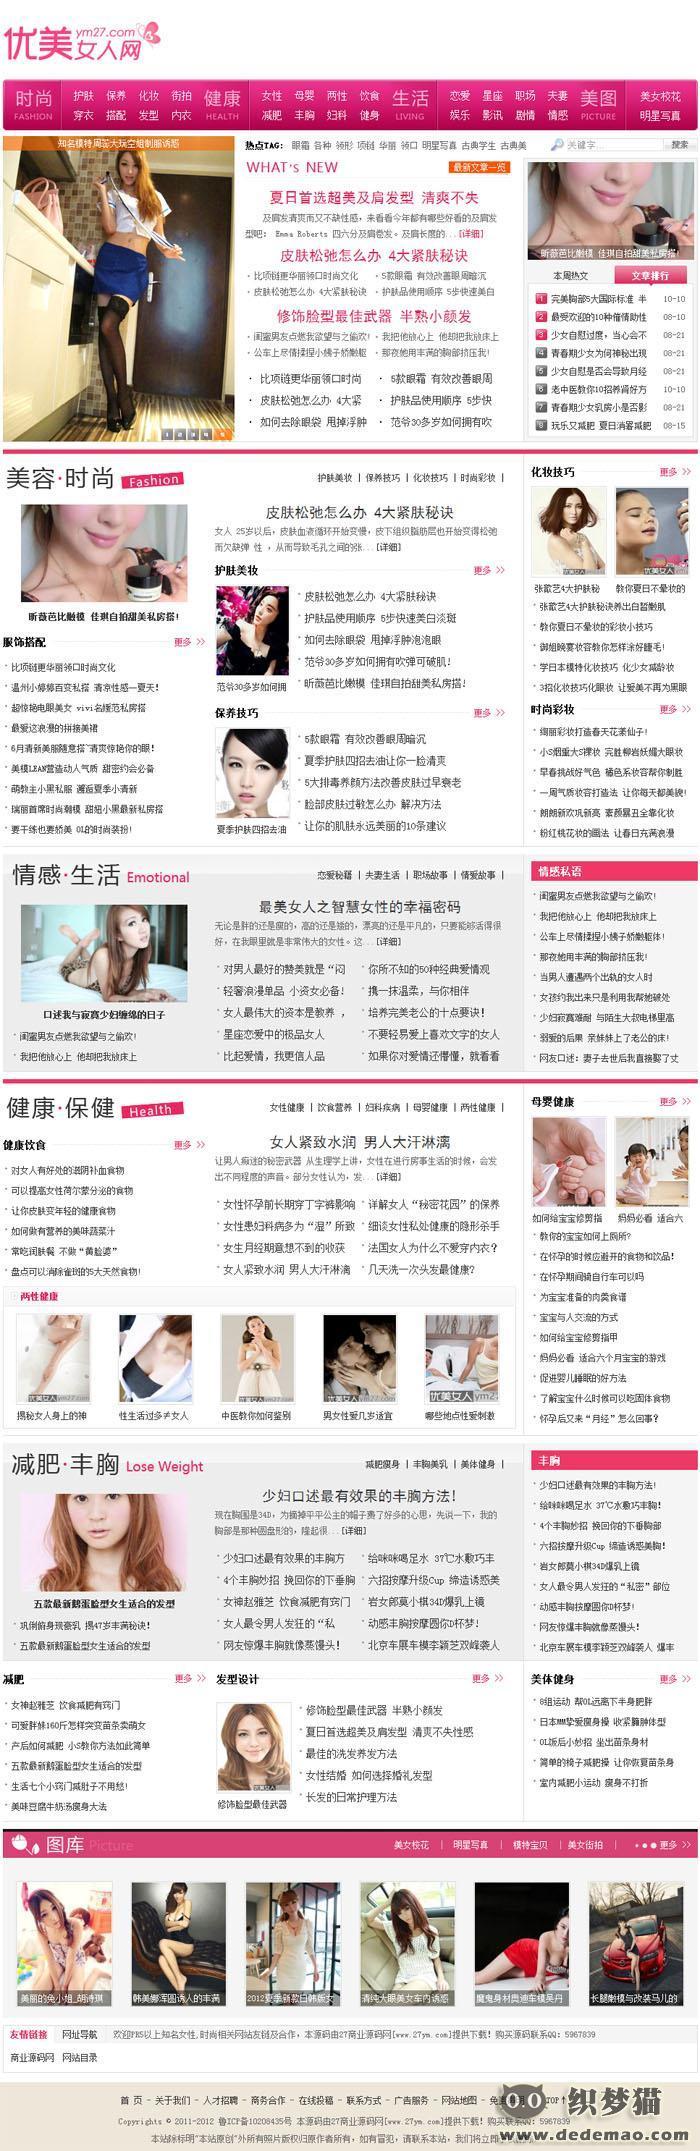 【织梦模板】极品女性时尚门户织梦模板(仿优美女性,带测试数据)